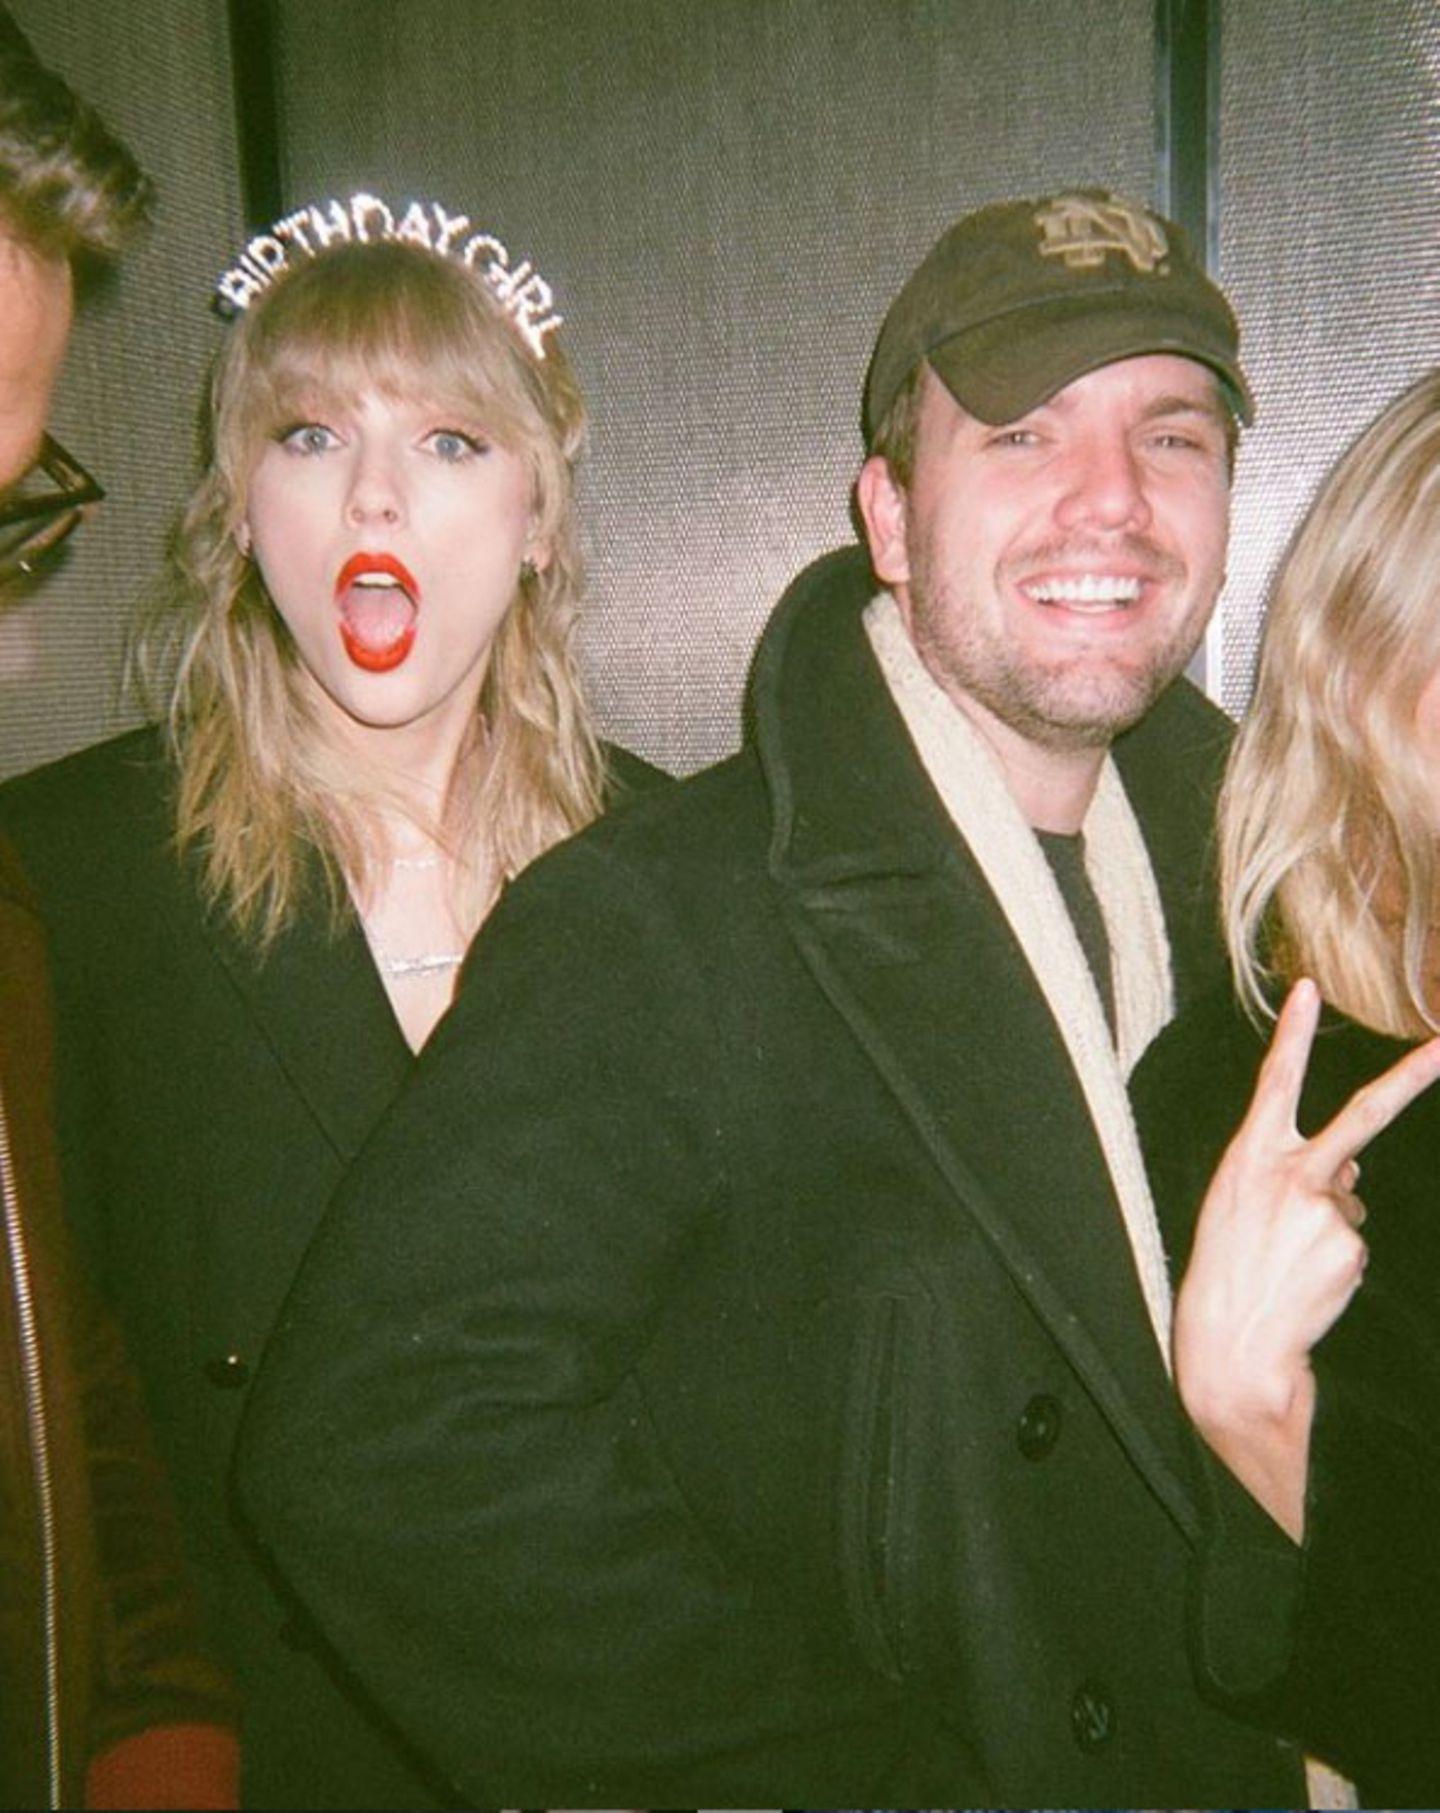 Austin ist nicht nur der jüngere Bruder von Taylor Swift, sondern auch einer ihrer besten Freunde, wie die Sängerinselbst zu diesem Schnappschuss auf Instagram schreibt.Während seine Schwester einweltweit bekannterMusikstar wurde, startet Austinals Schauspieler durch.